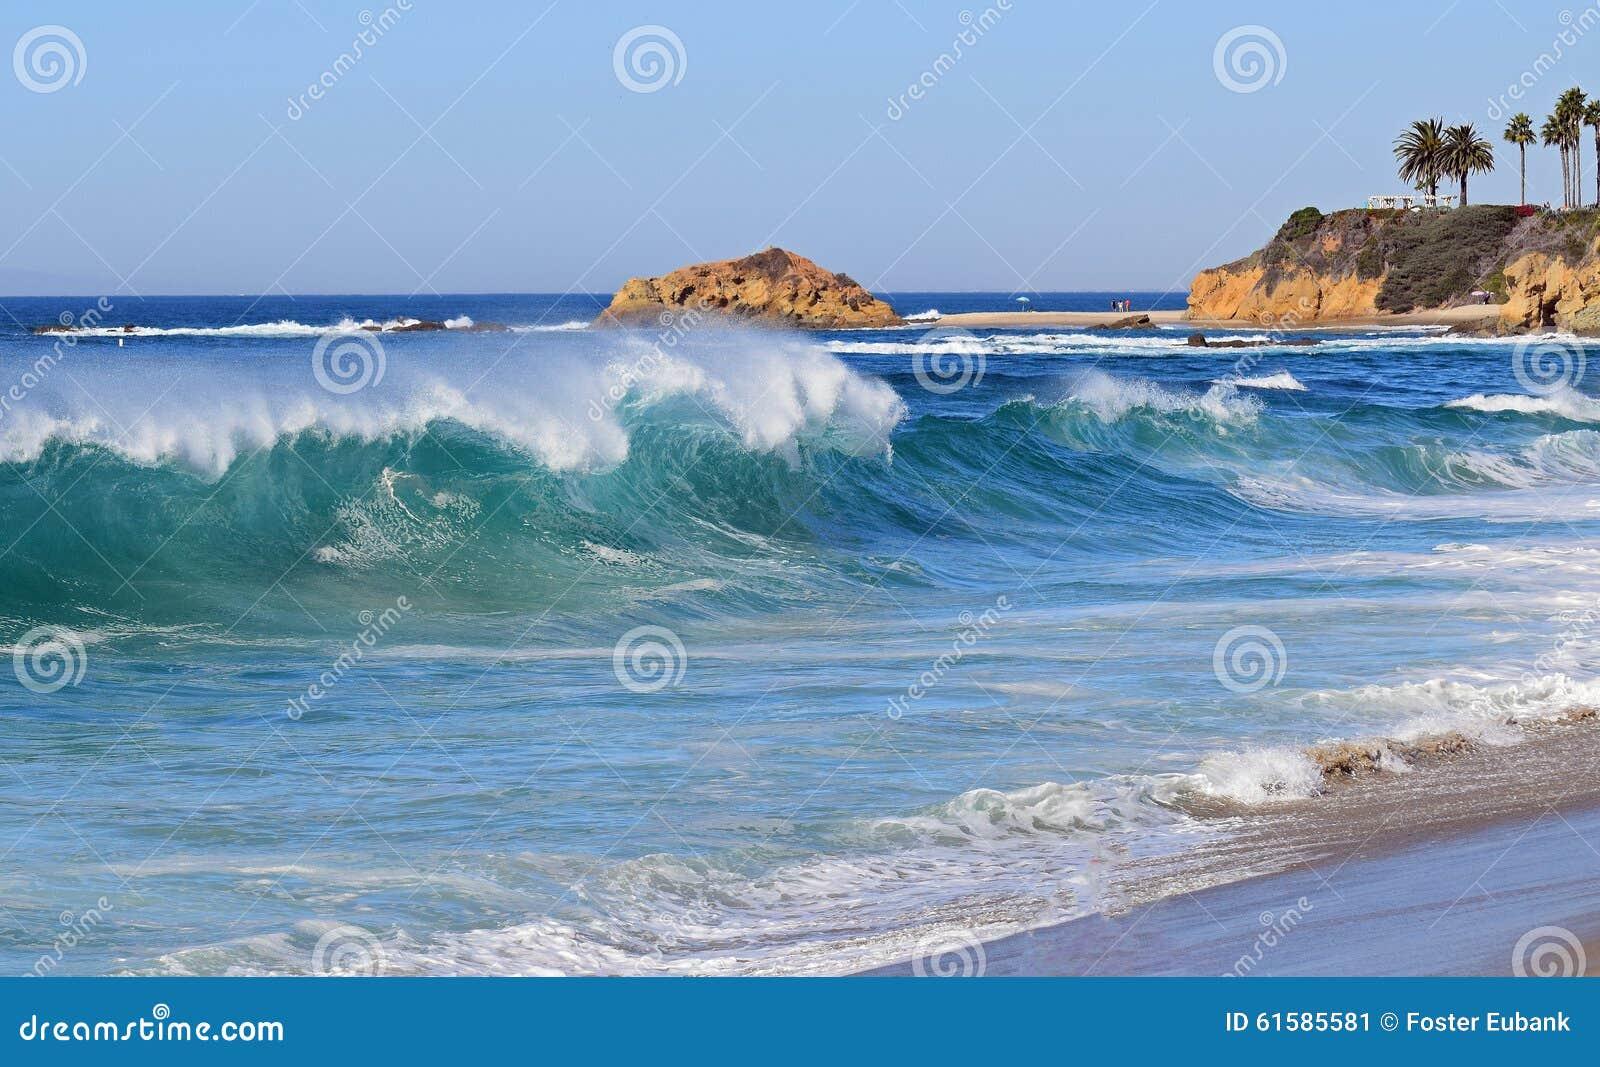 High surf at Aliso Beach in South Laguna Beach, California.